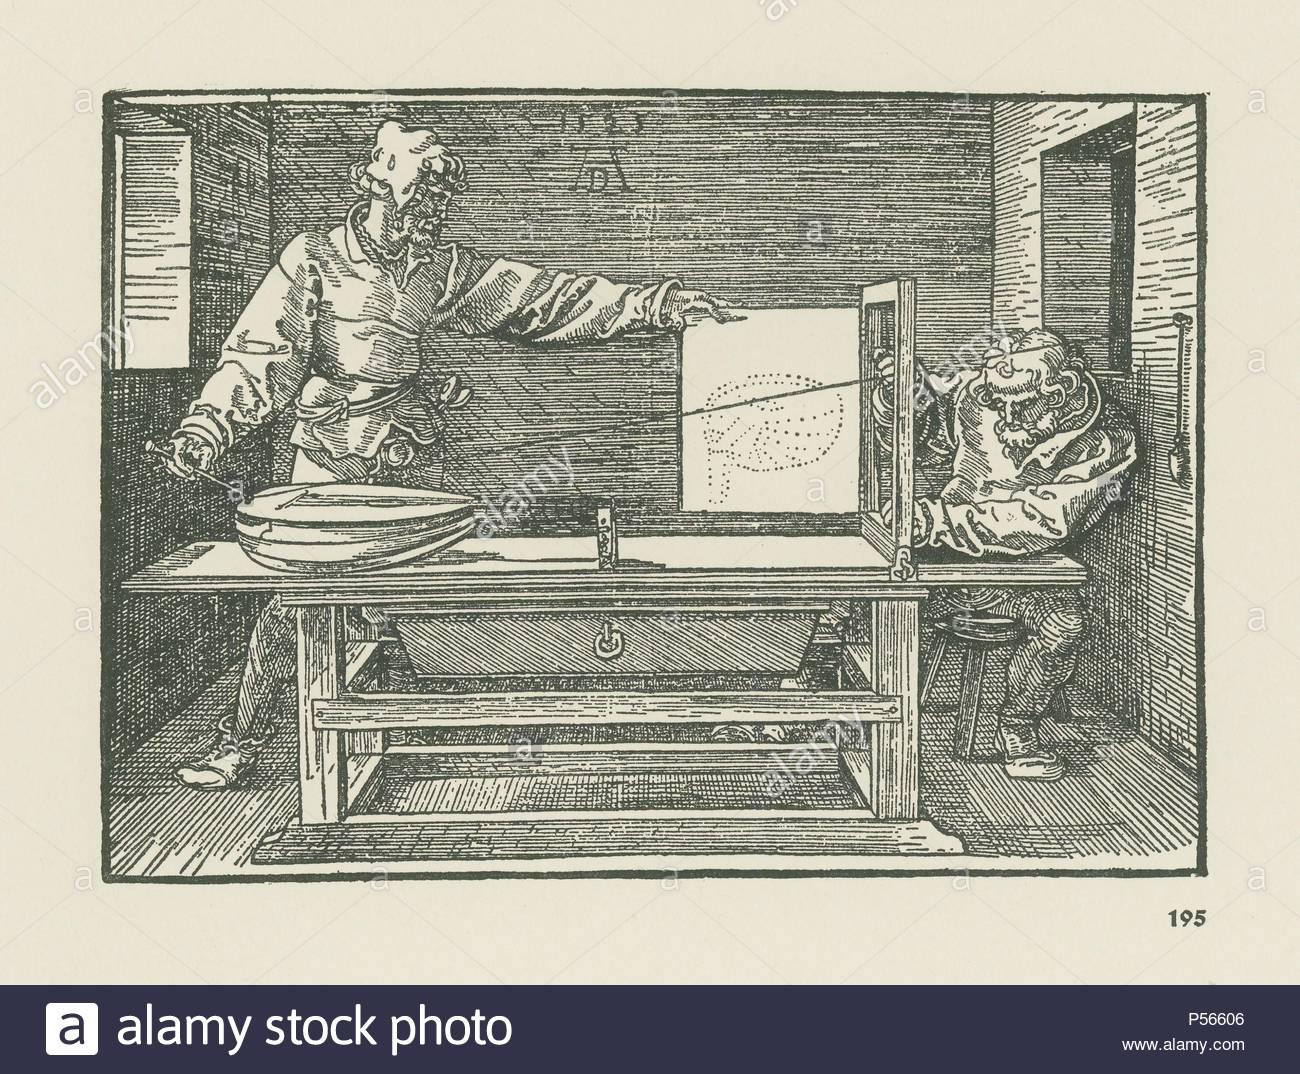 """Ein Mann eine Laute. Llustration von Albrecht Dürer's Abhandlung über die Kunst der Messung (""""Vnderweysung der Messung'), erste Ausgabe von Hieronymus Andreae, Nürnberg, 1525 veröffentlicht. Holzschnitt, 132 x 182 mm. (Fol. Q 3 r). Autor: Albrecht Dürer (1471-1528). Stockbild"""